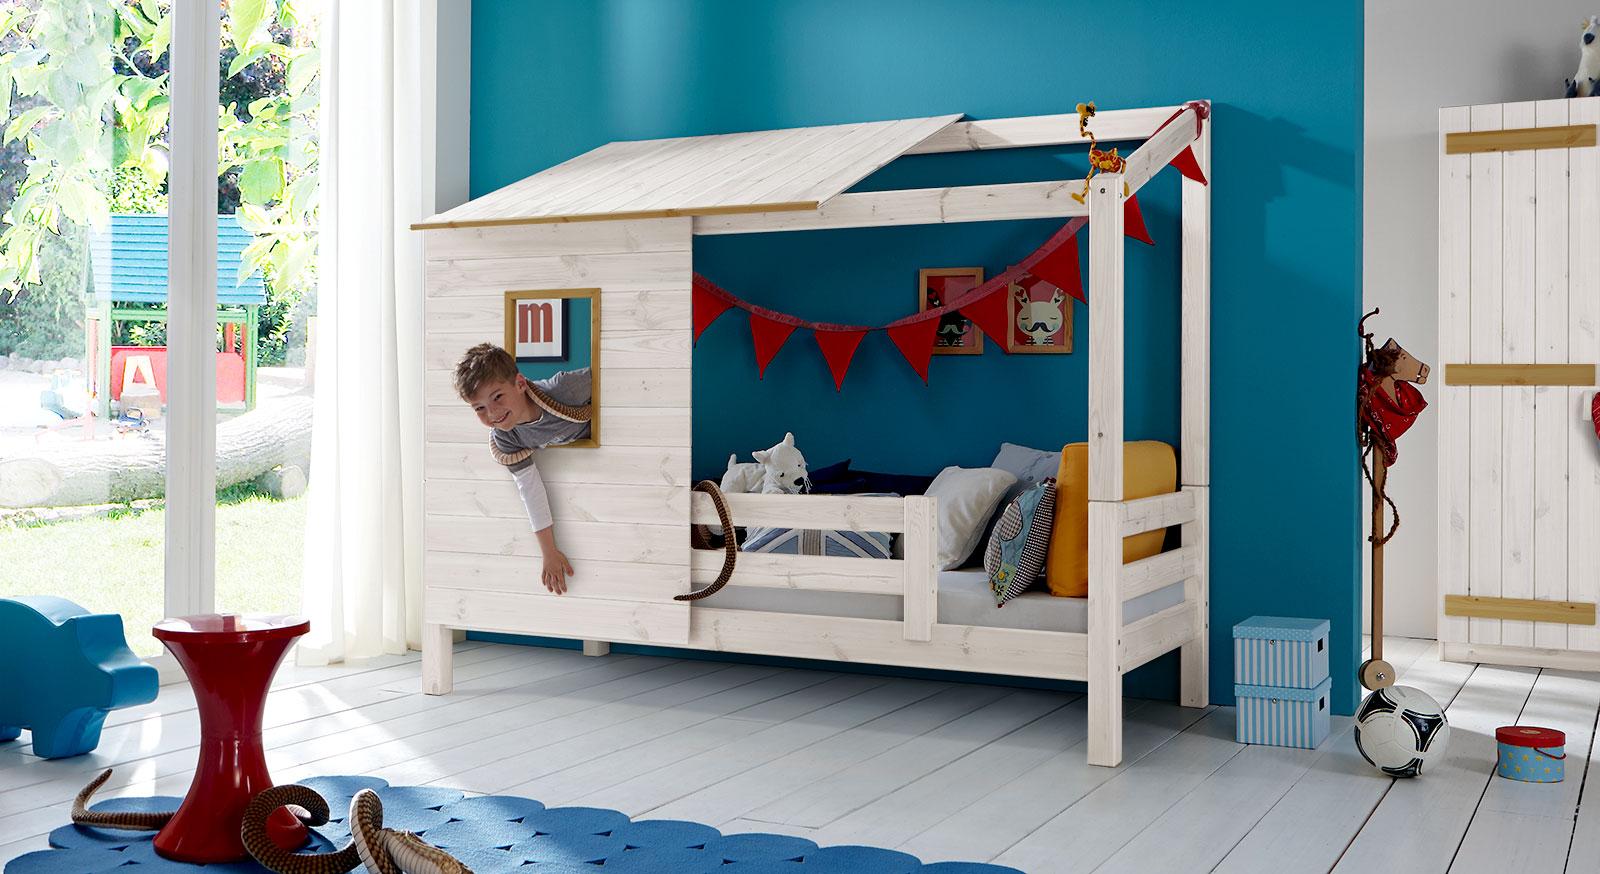 Abenteuerbett Kids Paradise für Jungen und Mädchen